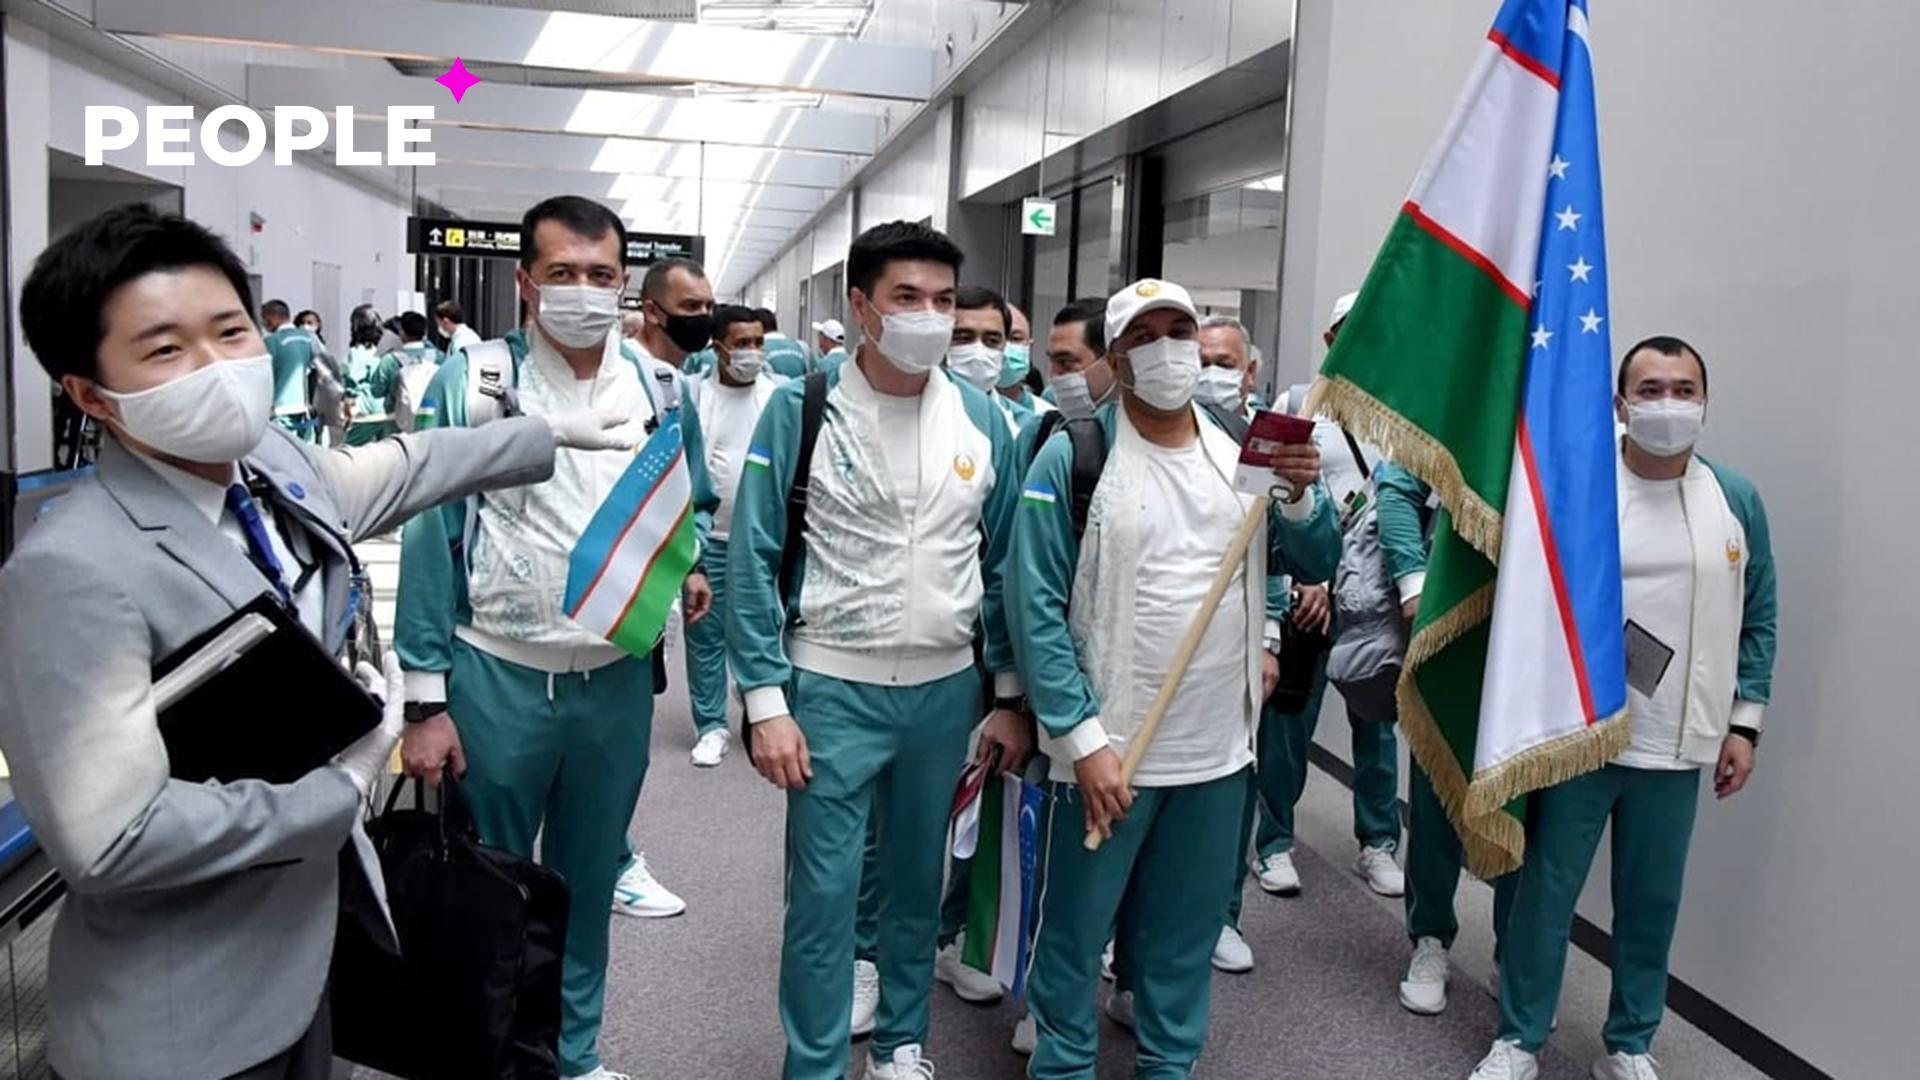 Узбекистан вошел в топ красивейших олимпийских образов по версии Cosmopolitan